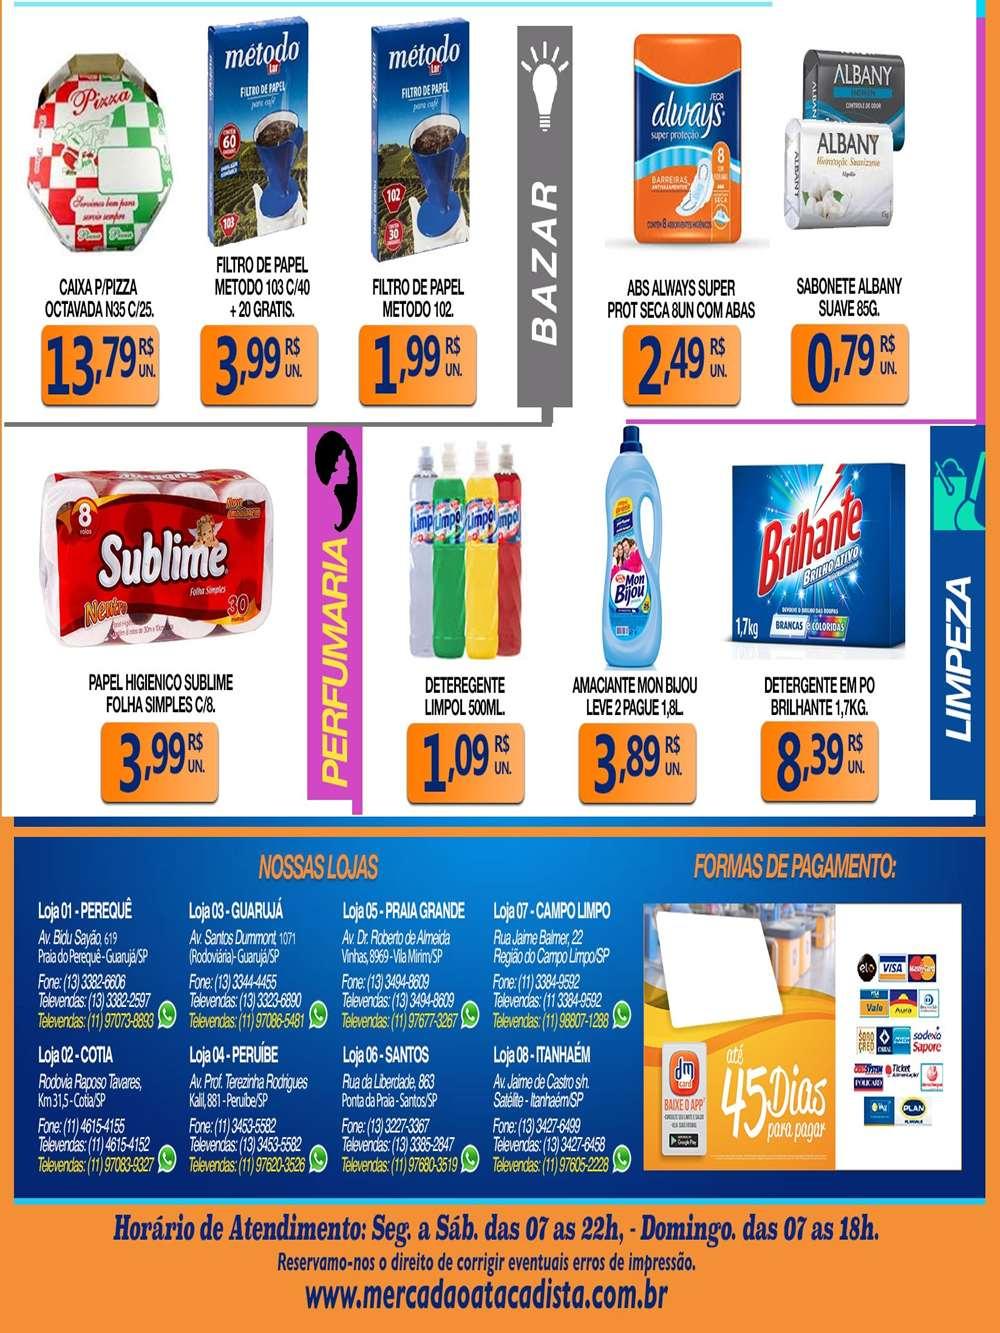 Ofertas-mercadao5-2 Mercadão até 27/05